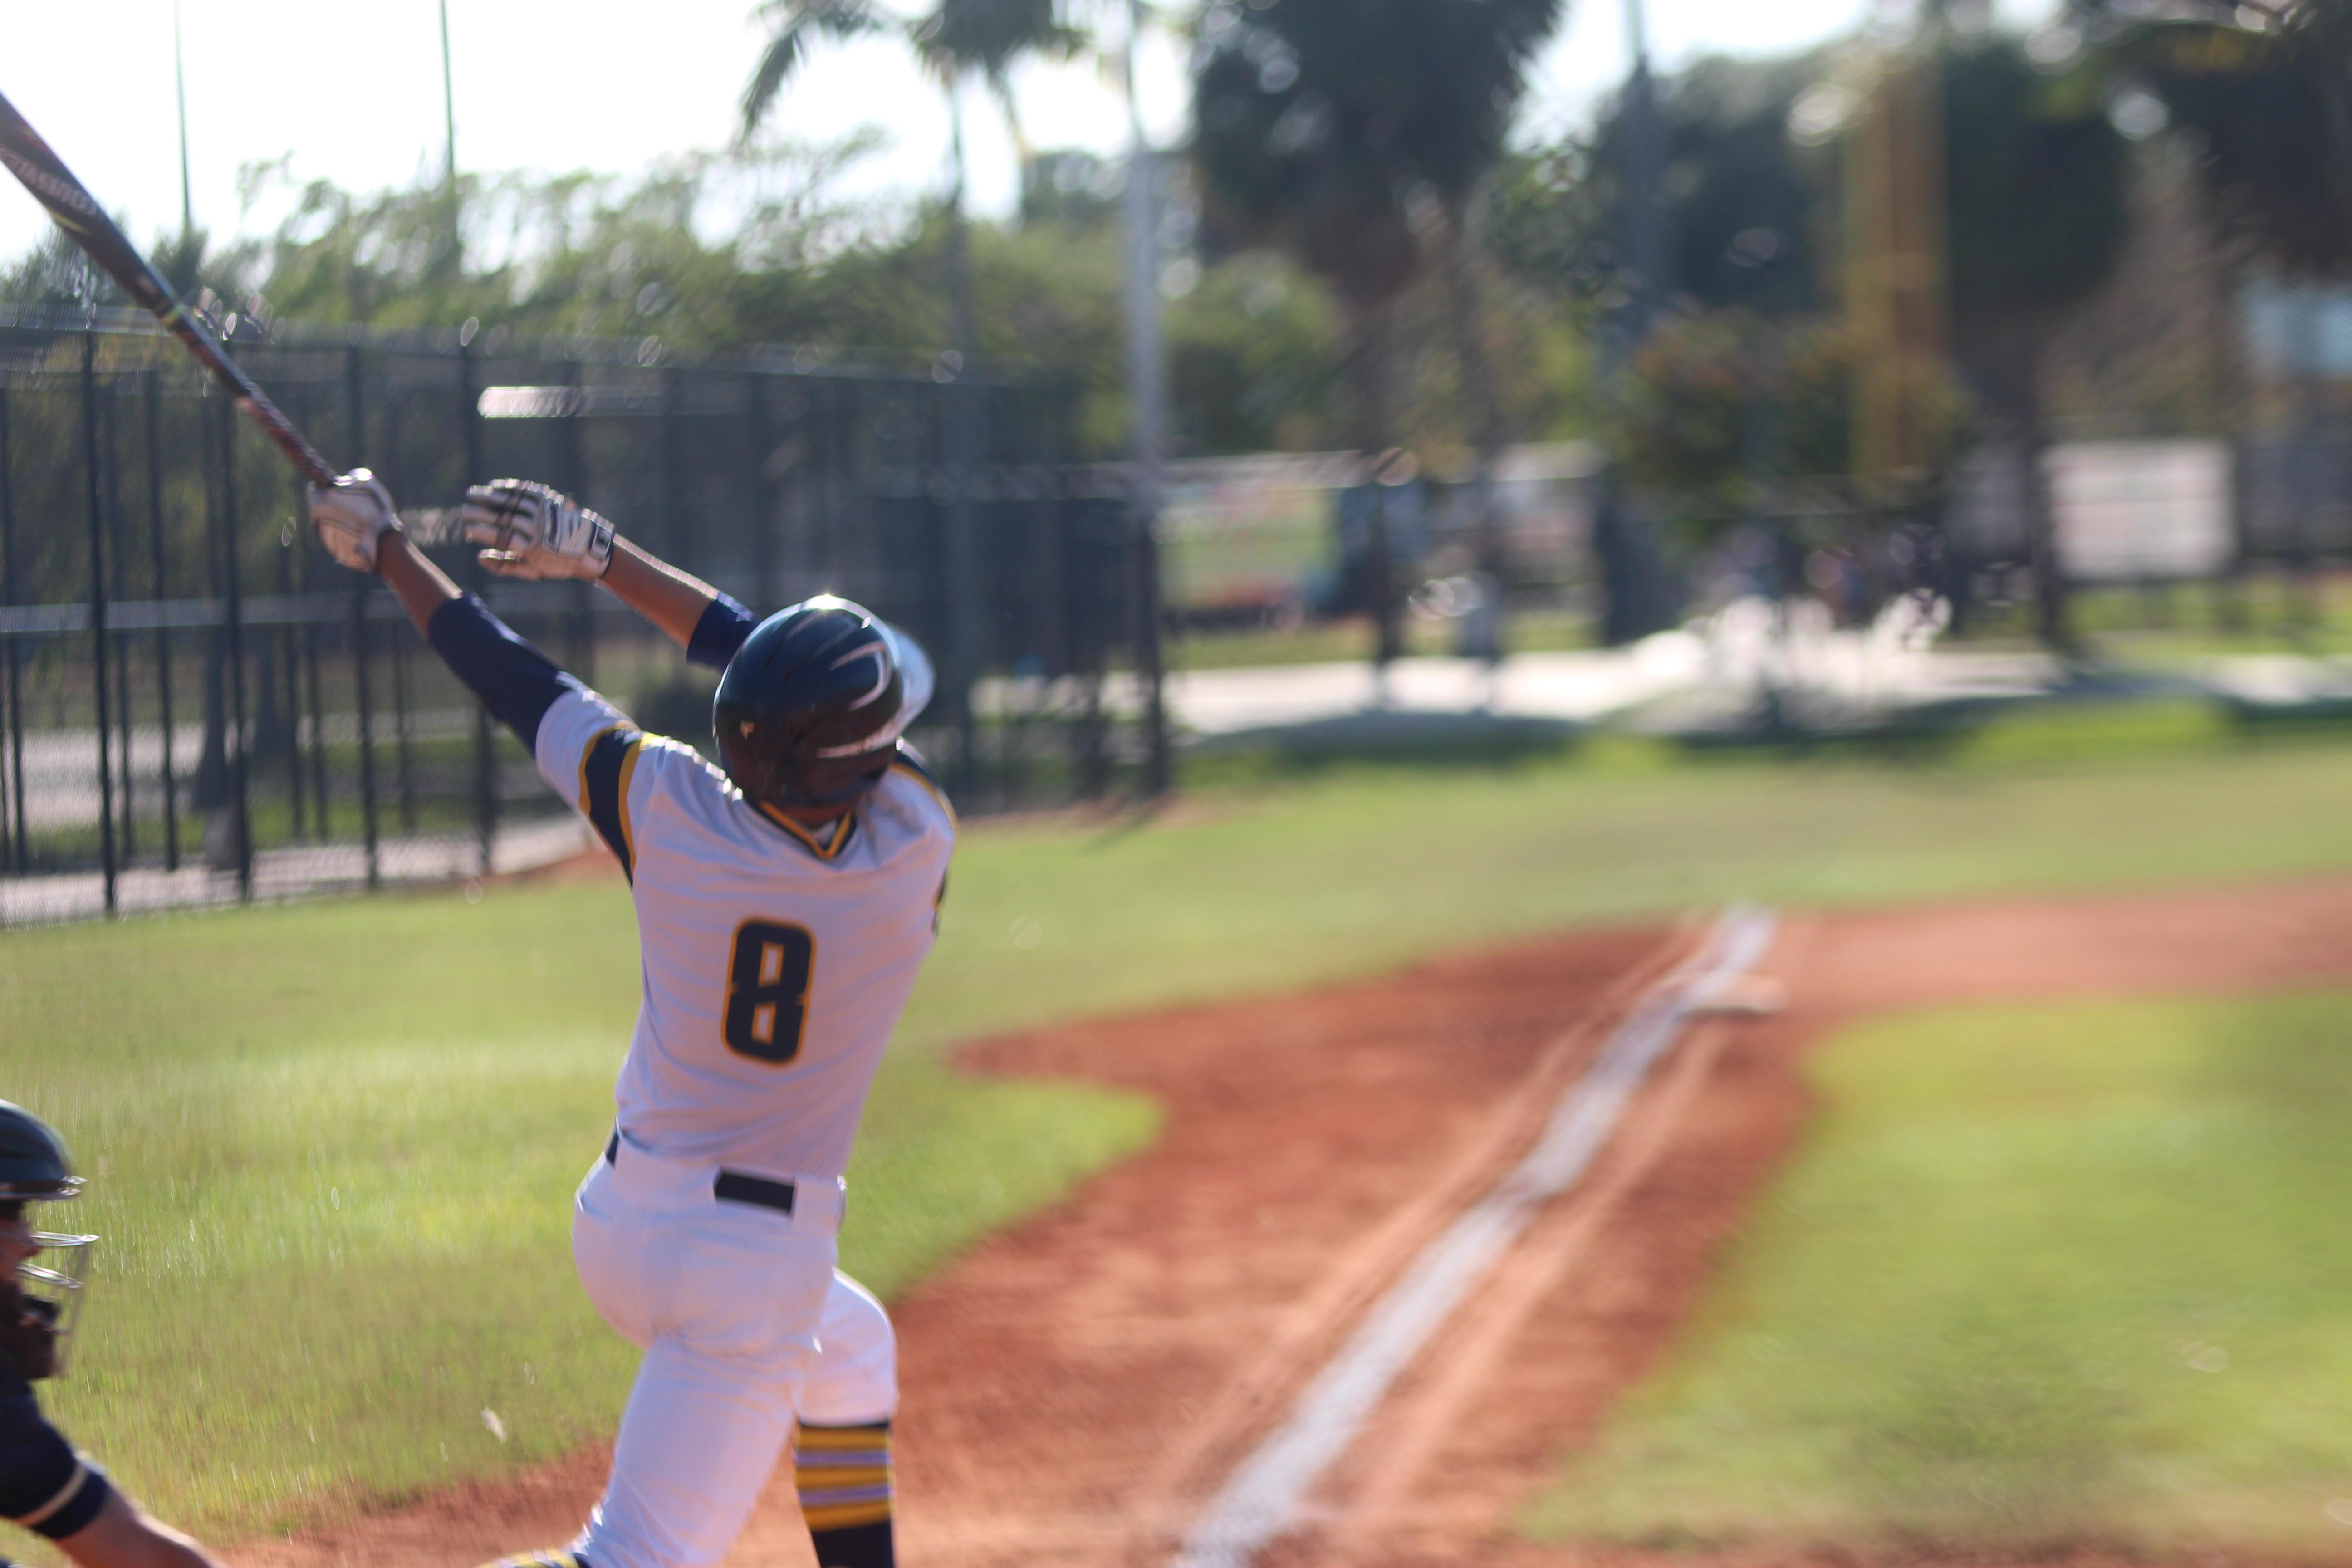 sportsbaseball5_ShanM